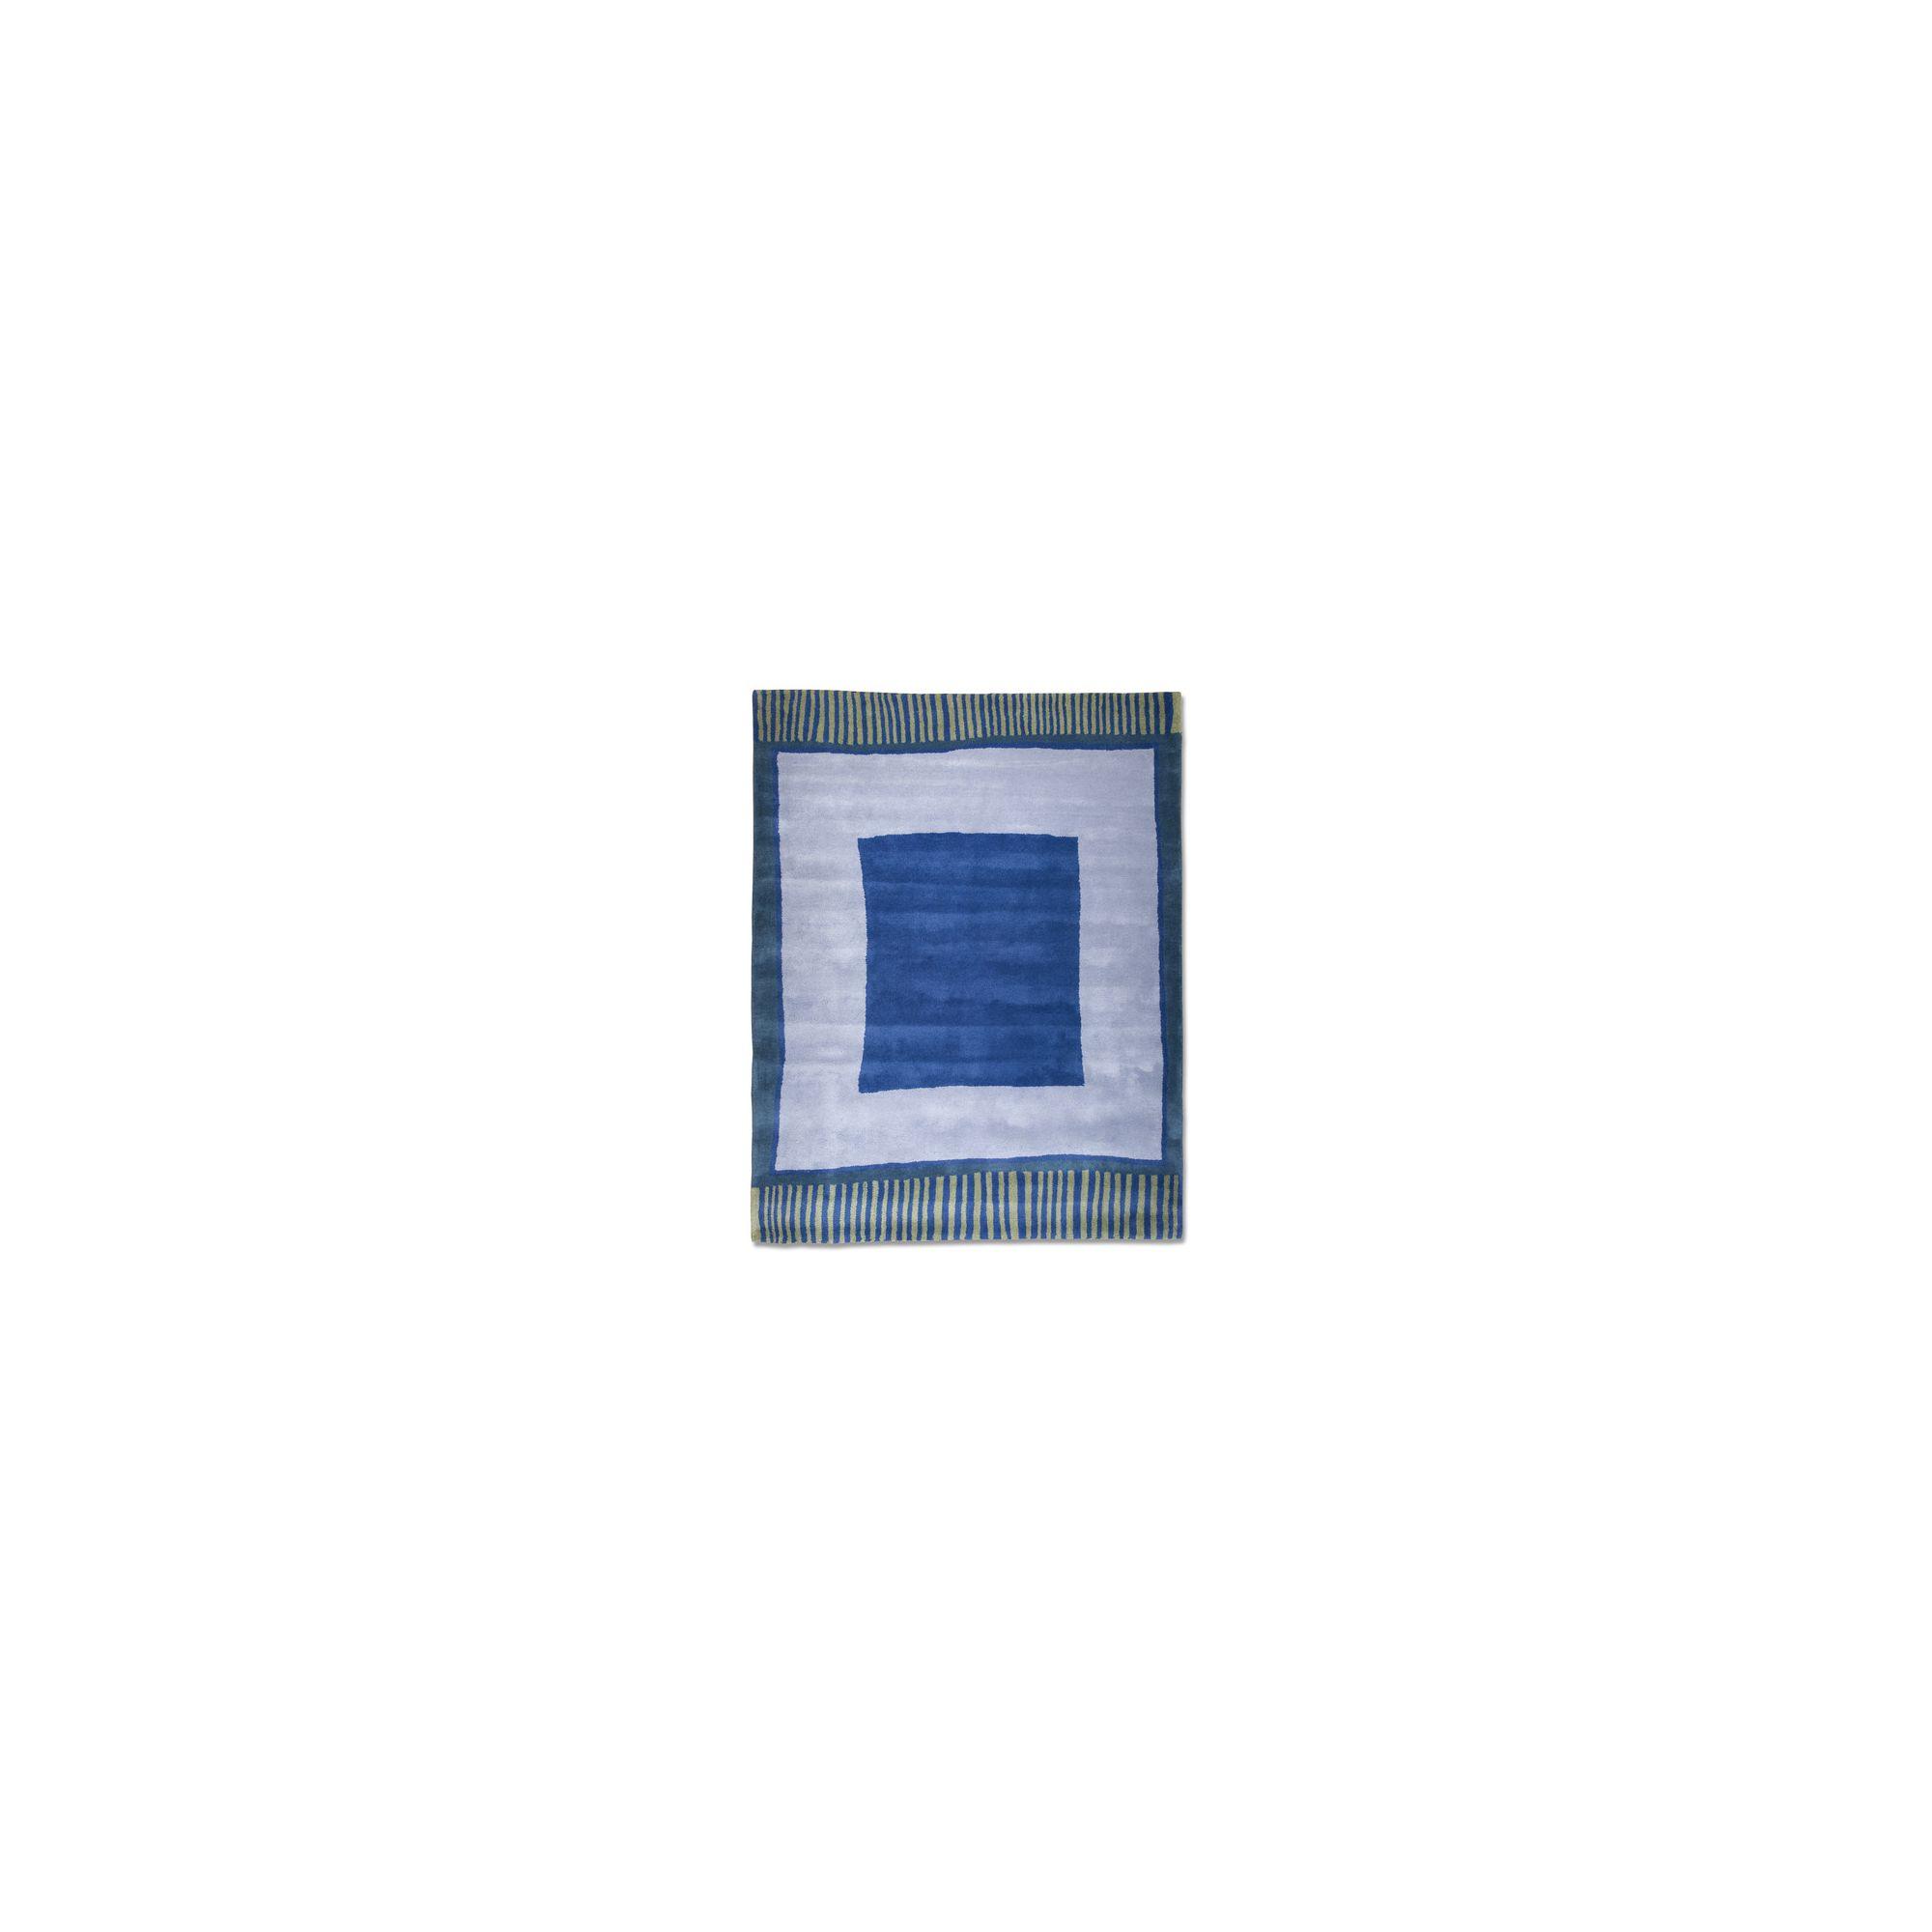 Anna V Rugs Big Blue Contemporary Rectangular Rug - 140cm x 180cm at Tesco Direct